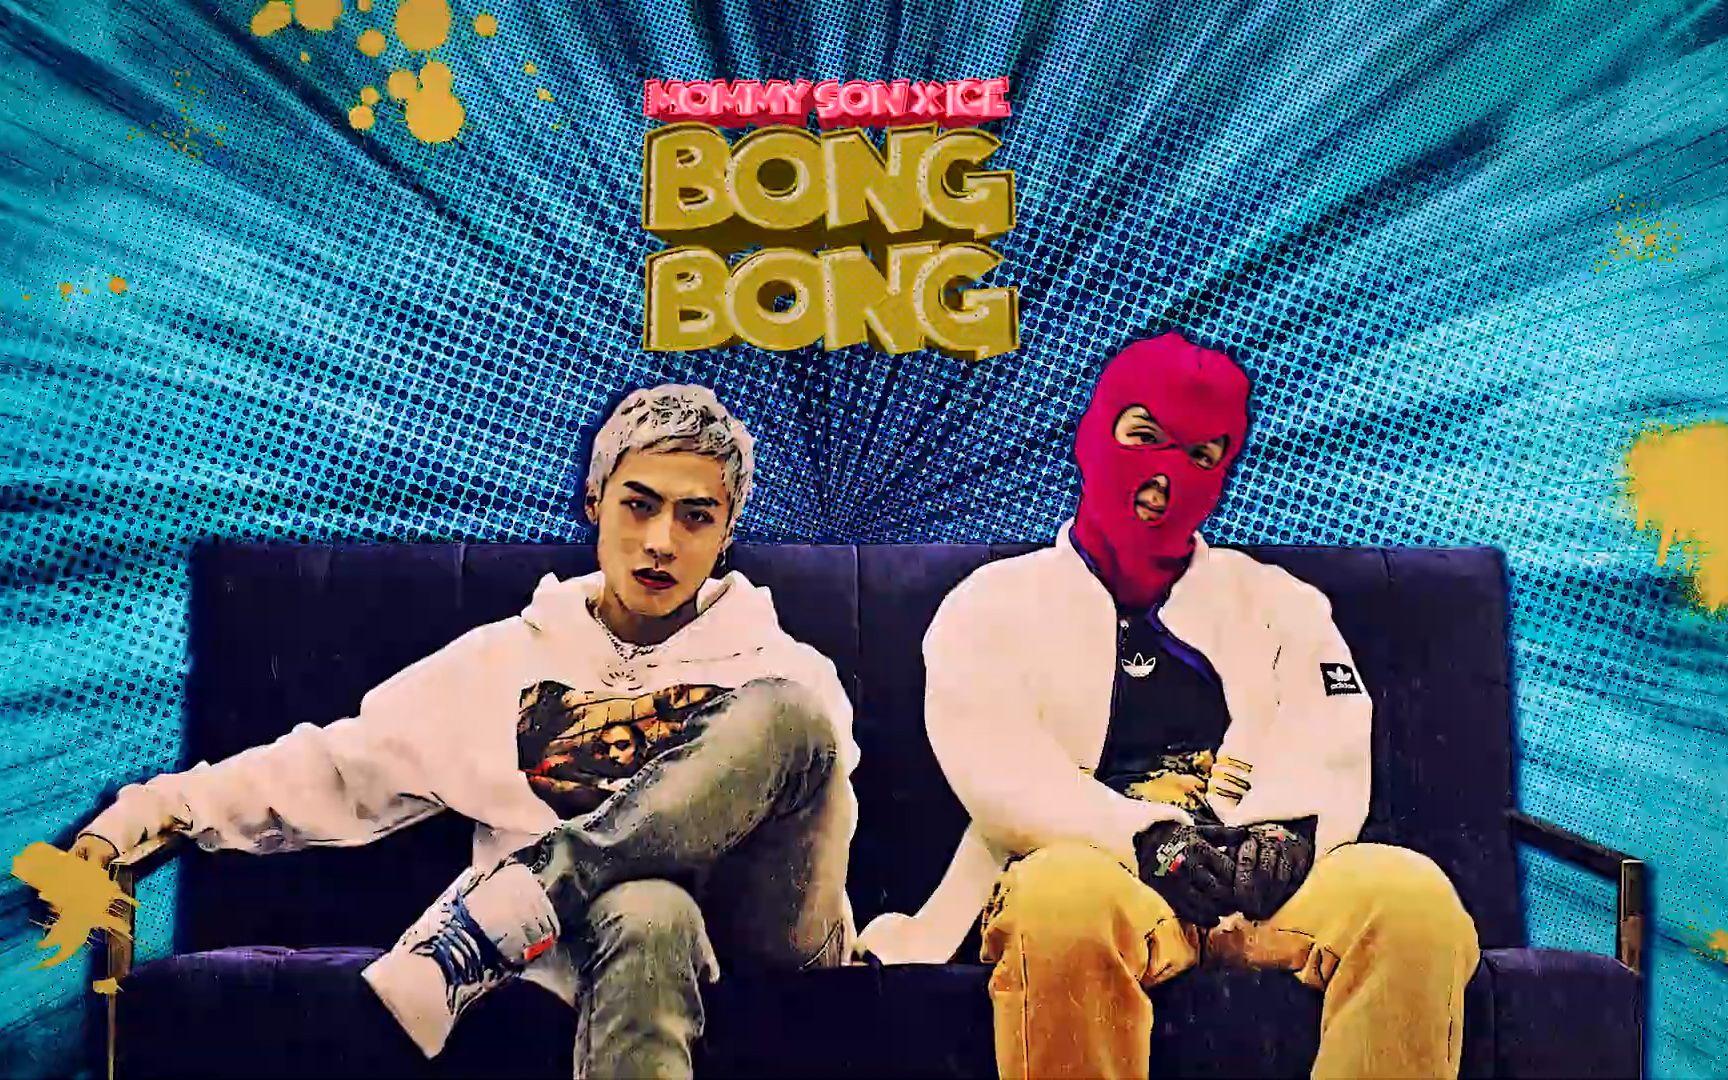 Premiere制作《BONG BONG》的5个效果